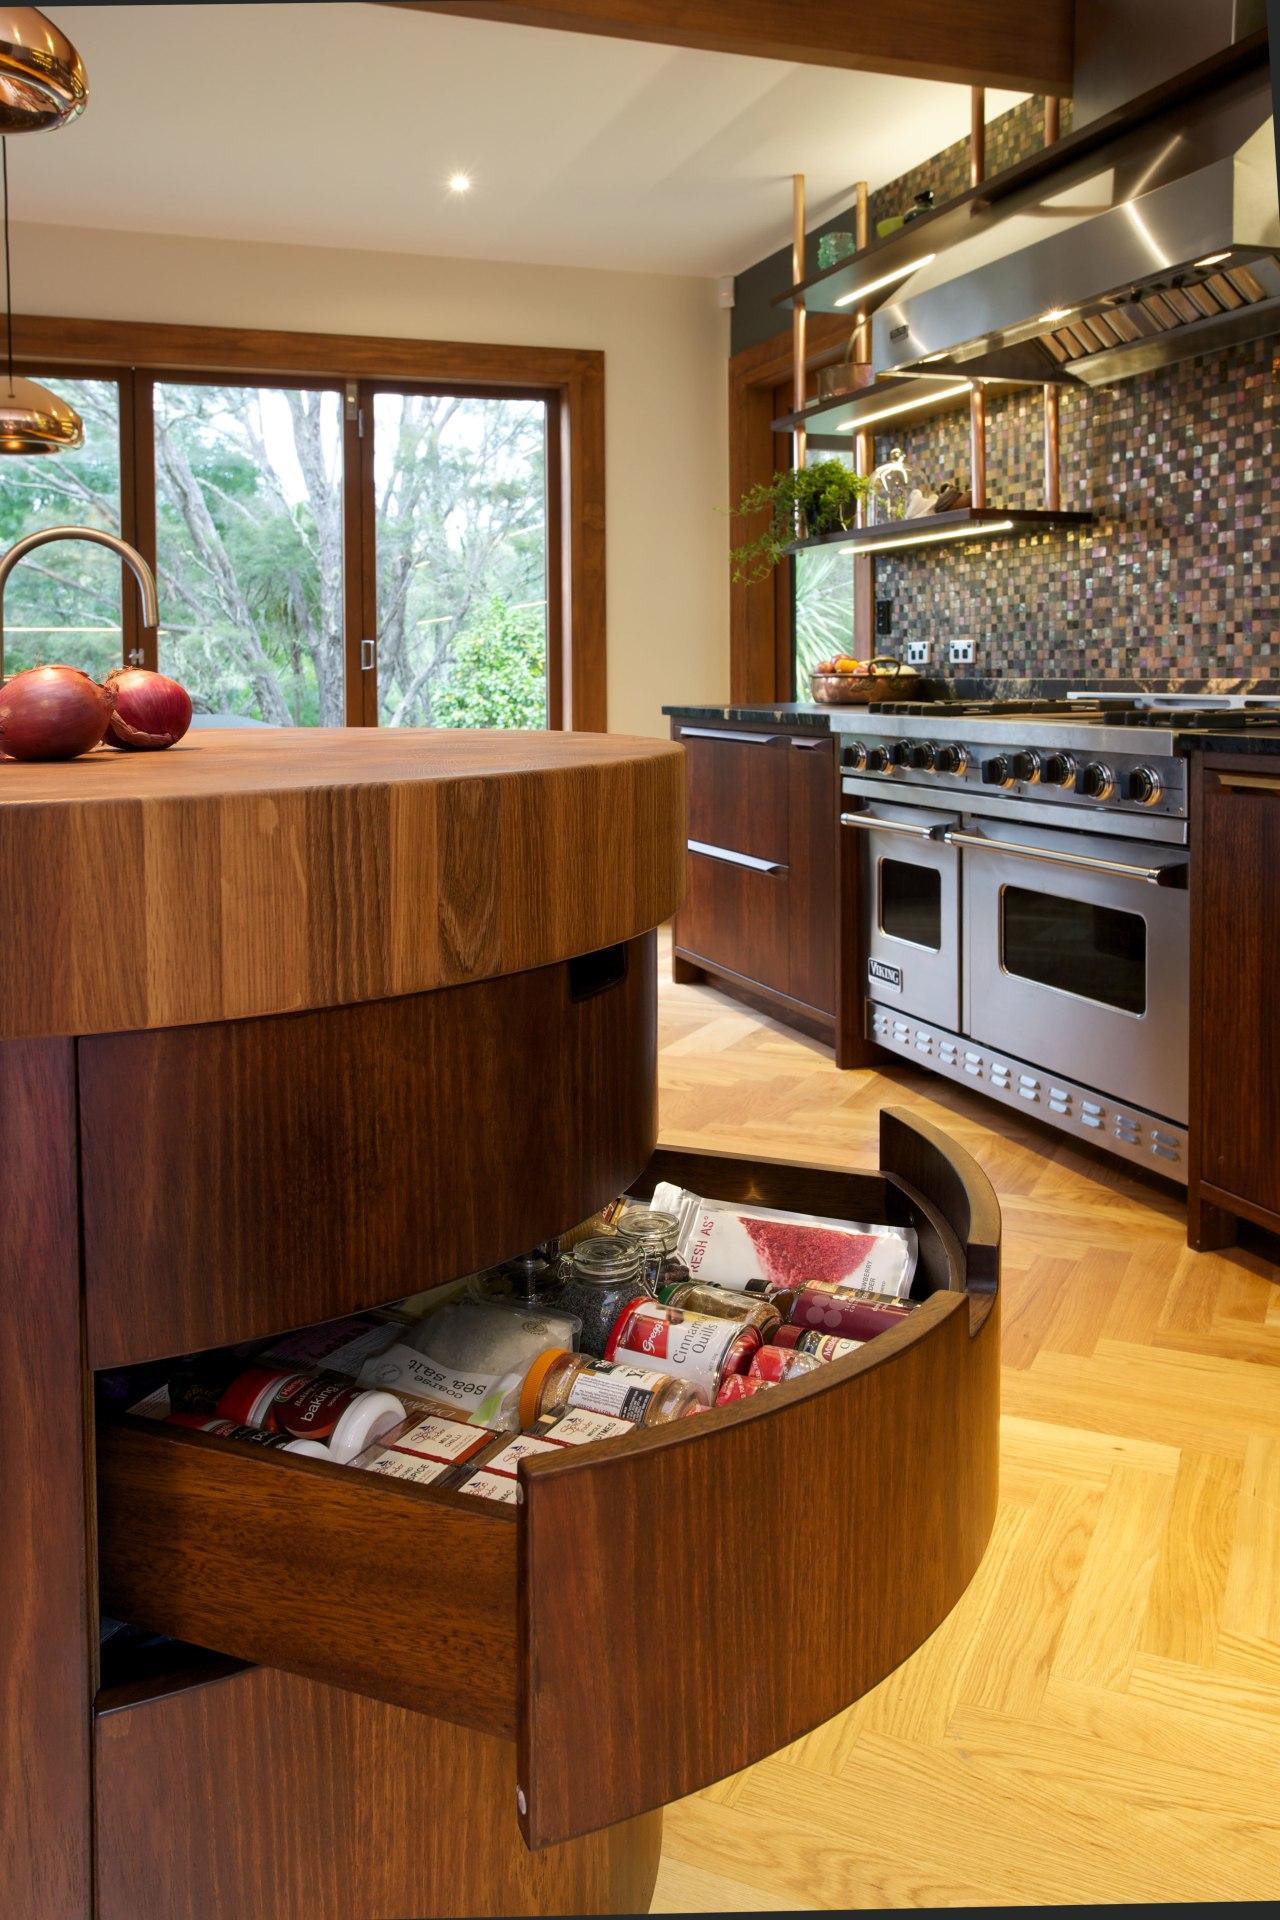 The wooden butchers block is one of many cabinetry, countertop, floor, flooring, hardwood, interior design, kitchen, living room, room, wood, brown, orange